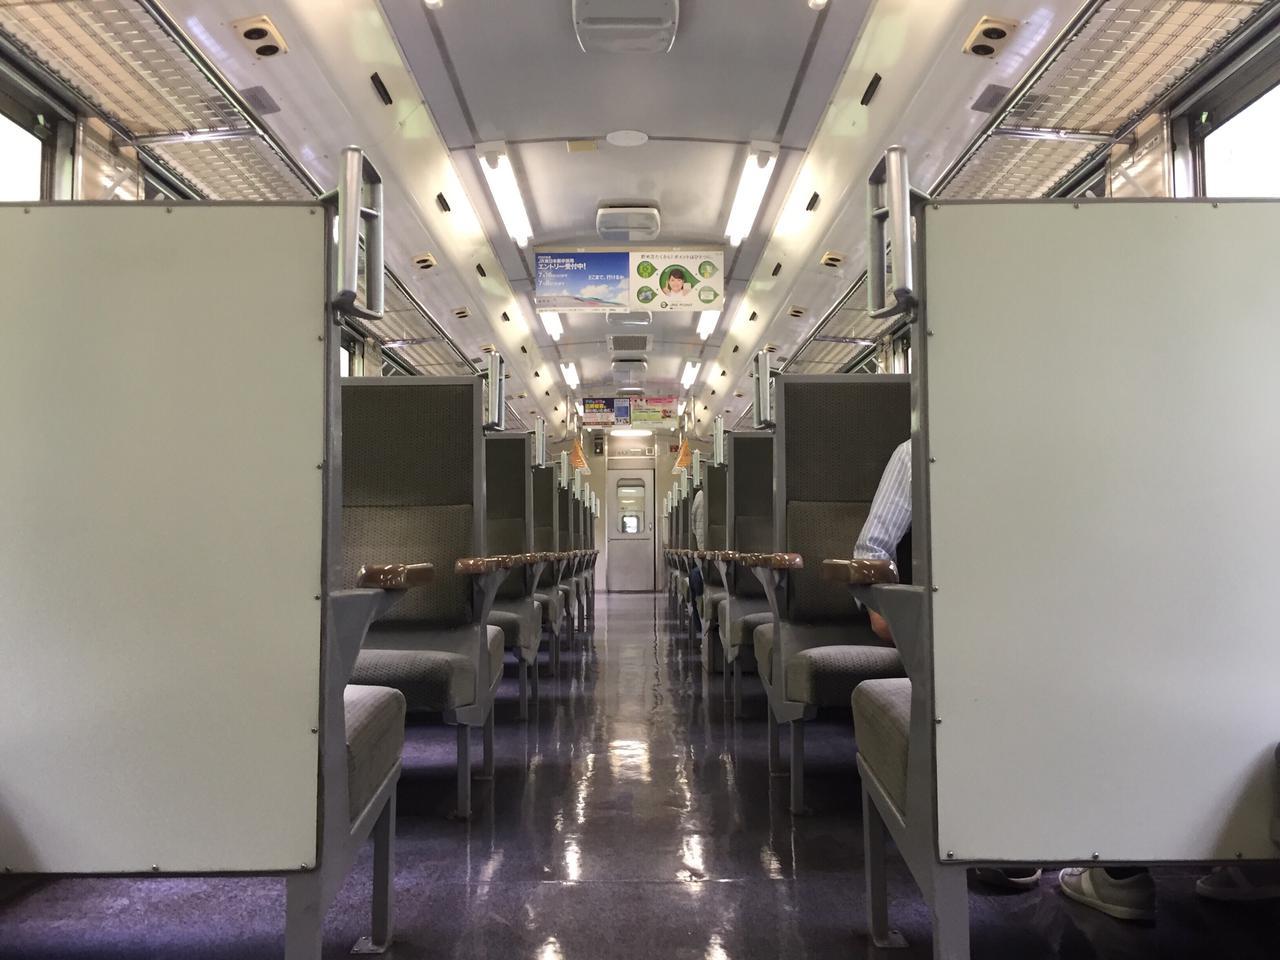 画像: 4人掛けのボックスシートが所狭しと並ぶ。/ 弊社スタッフ鈴木 悠斗撮影